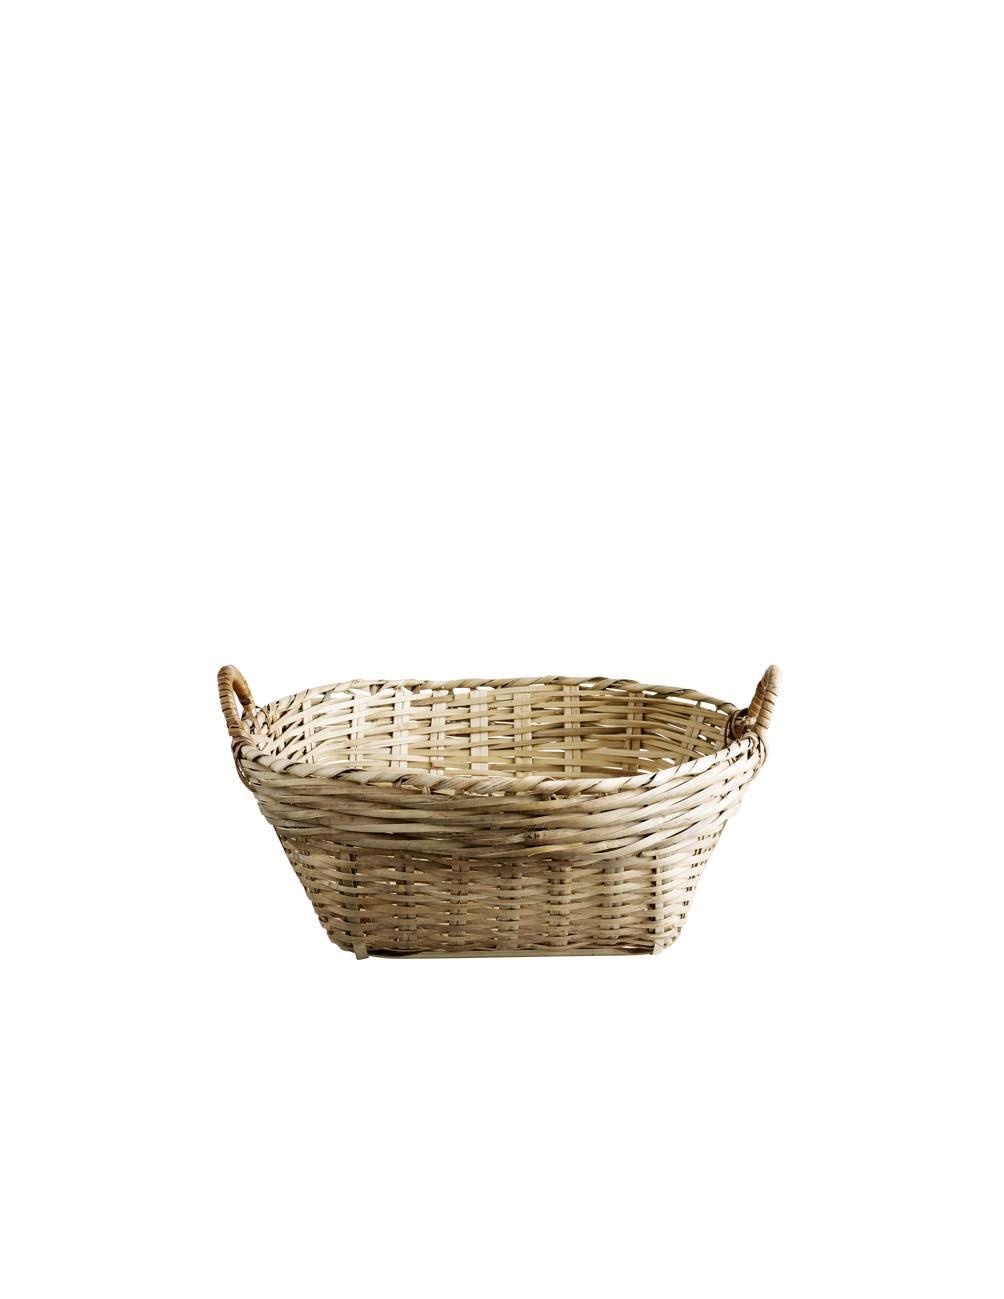 Fruit Market Basket